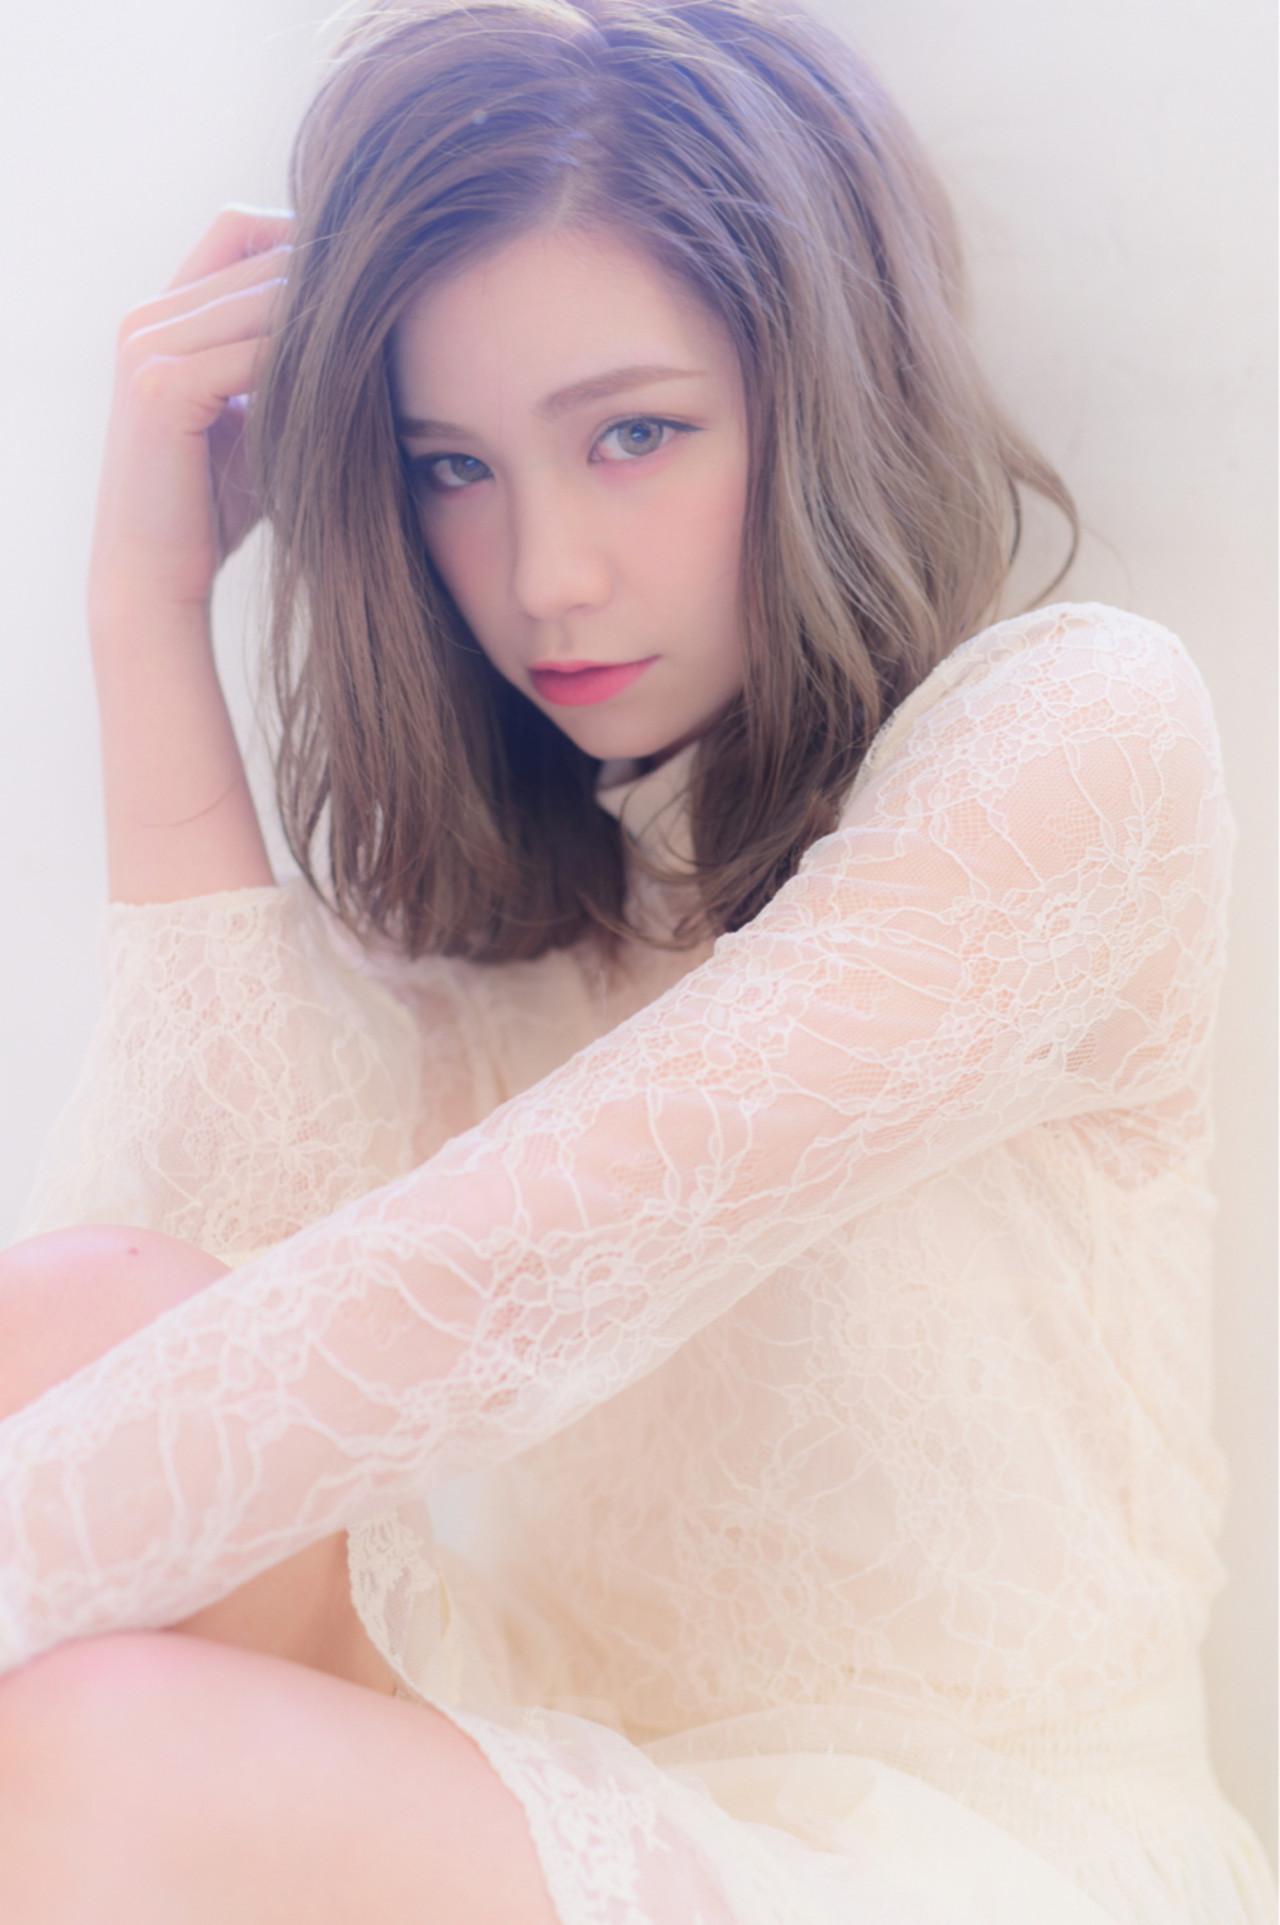 色気 フェミニン ミディアム ガーリー ヘアスタイルや髪型の写真・画像 | 山口裕二 / embellir